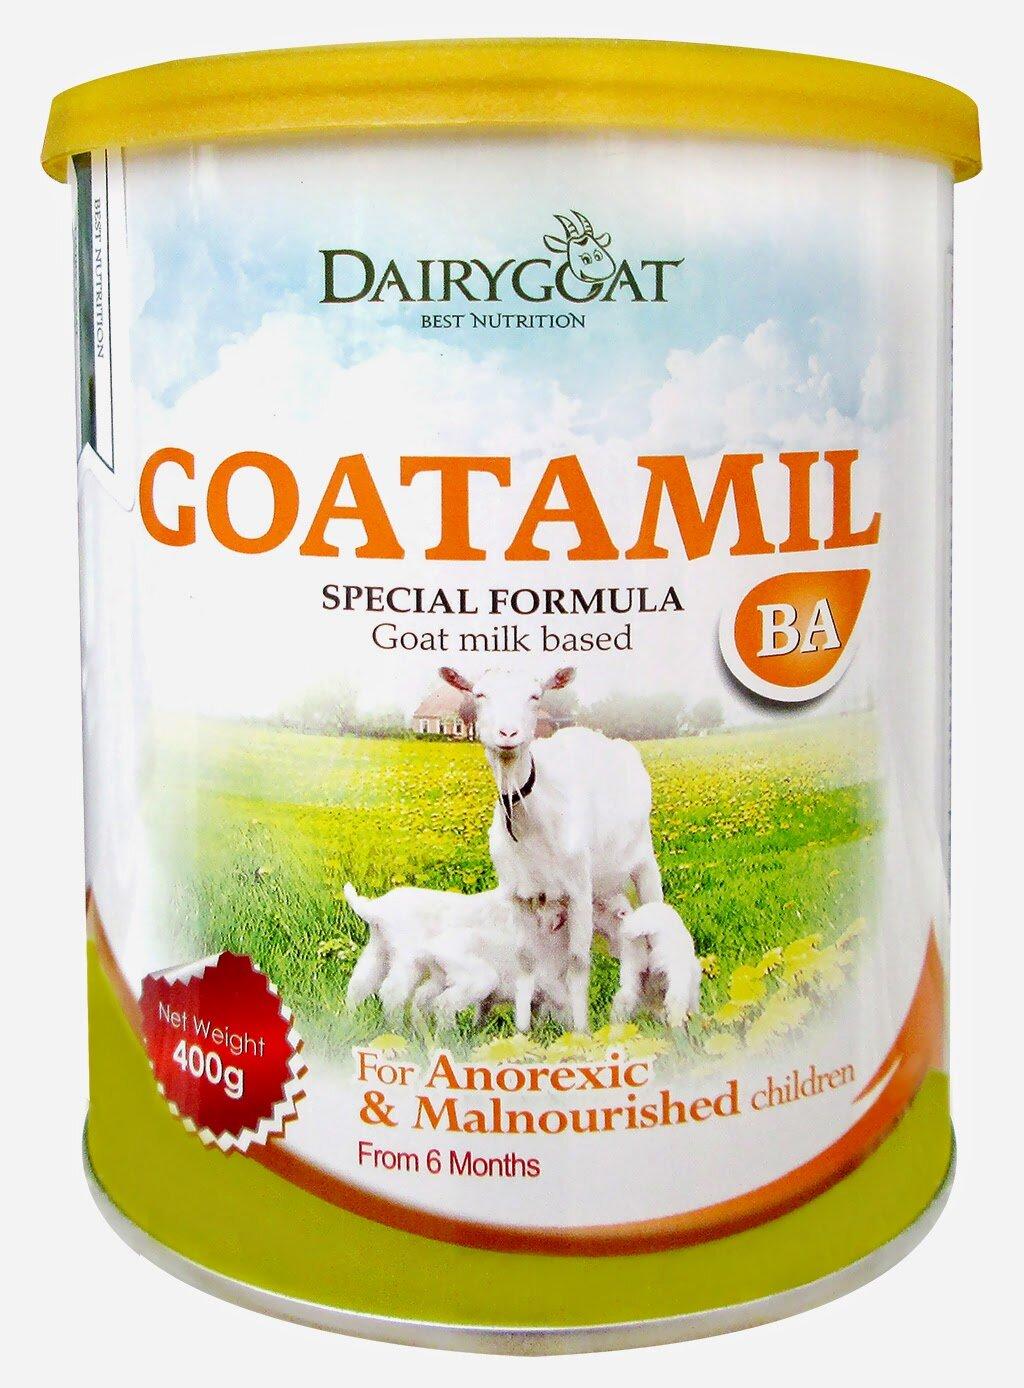 Sữa dê Goatamil BA sữa đặc biệt dành cho trẻ biếng ăn, suy dinh dưỡng